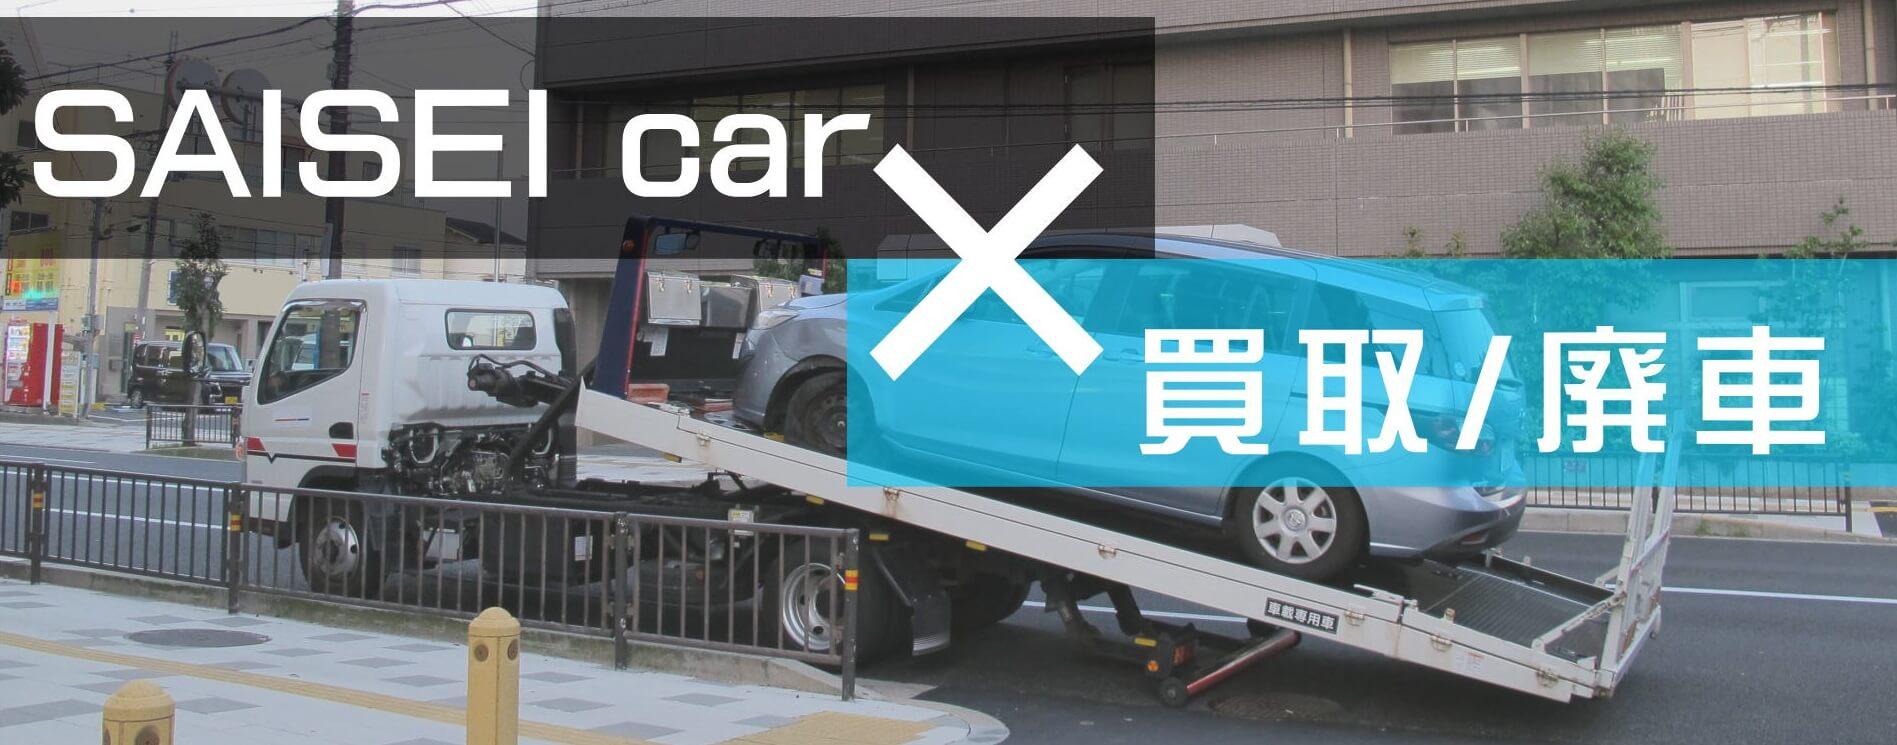 福岡市廃車ネット